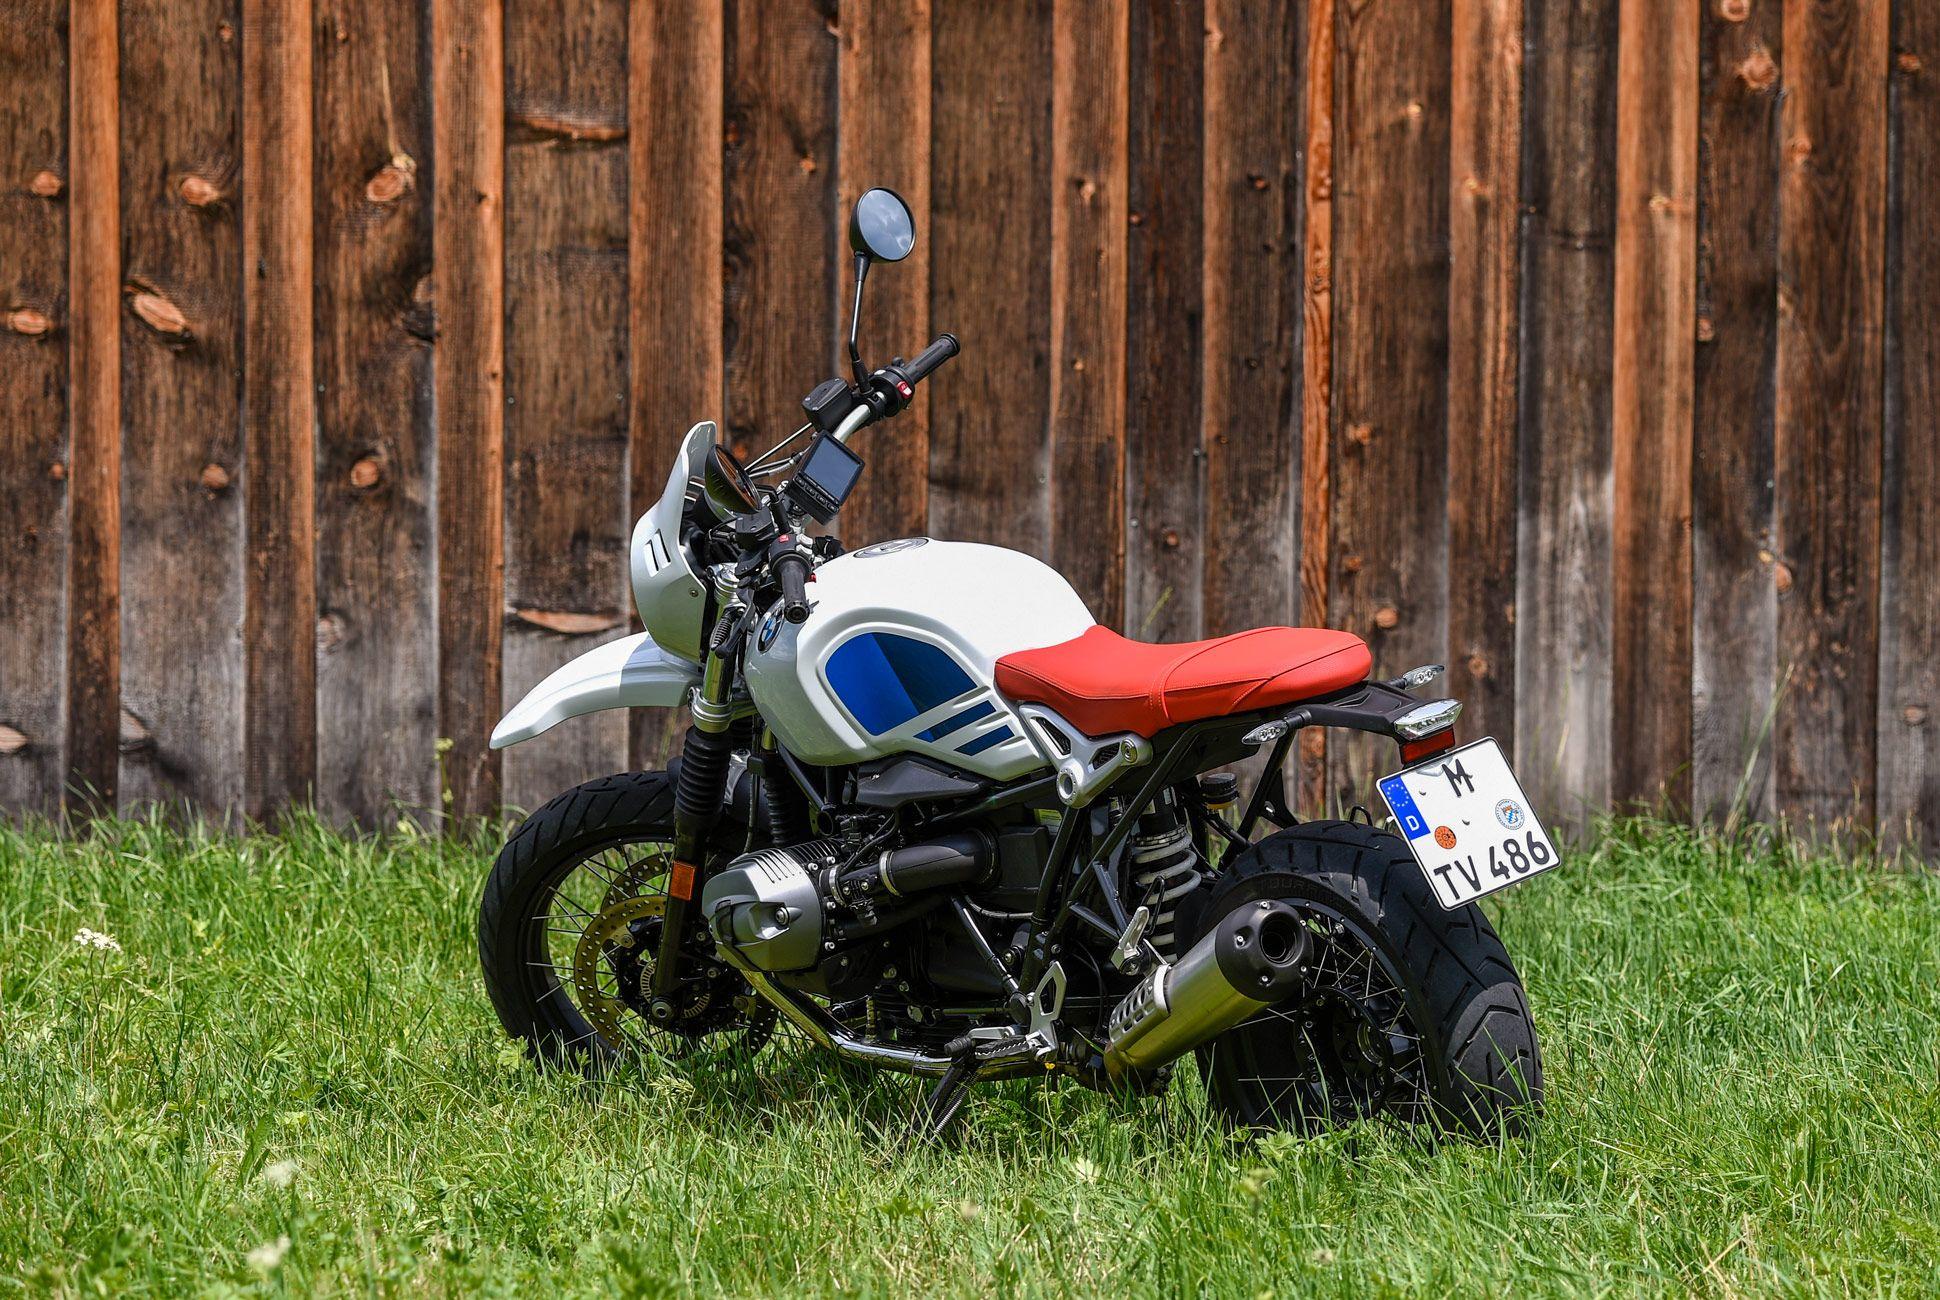 BMW-RnineT-Urban-GS-Gear-Patrol-Slide-4